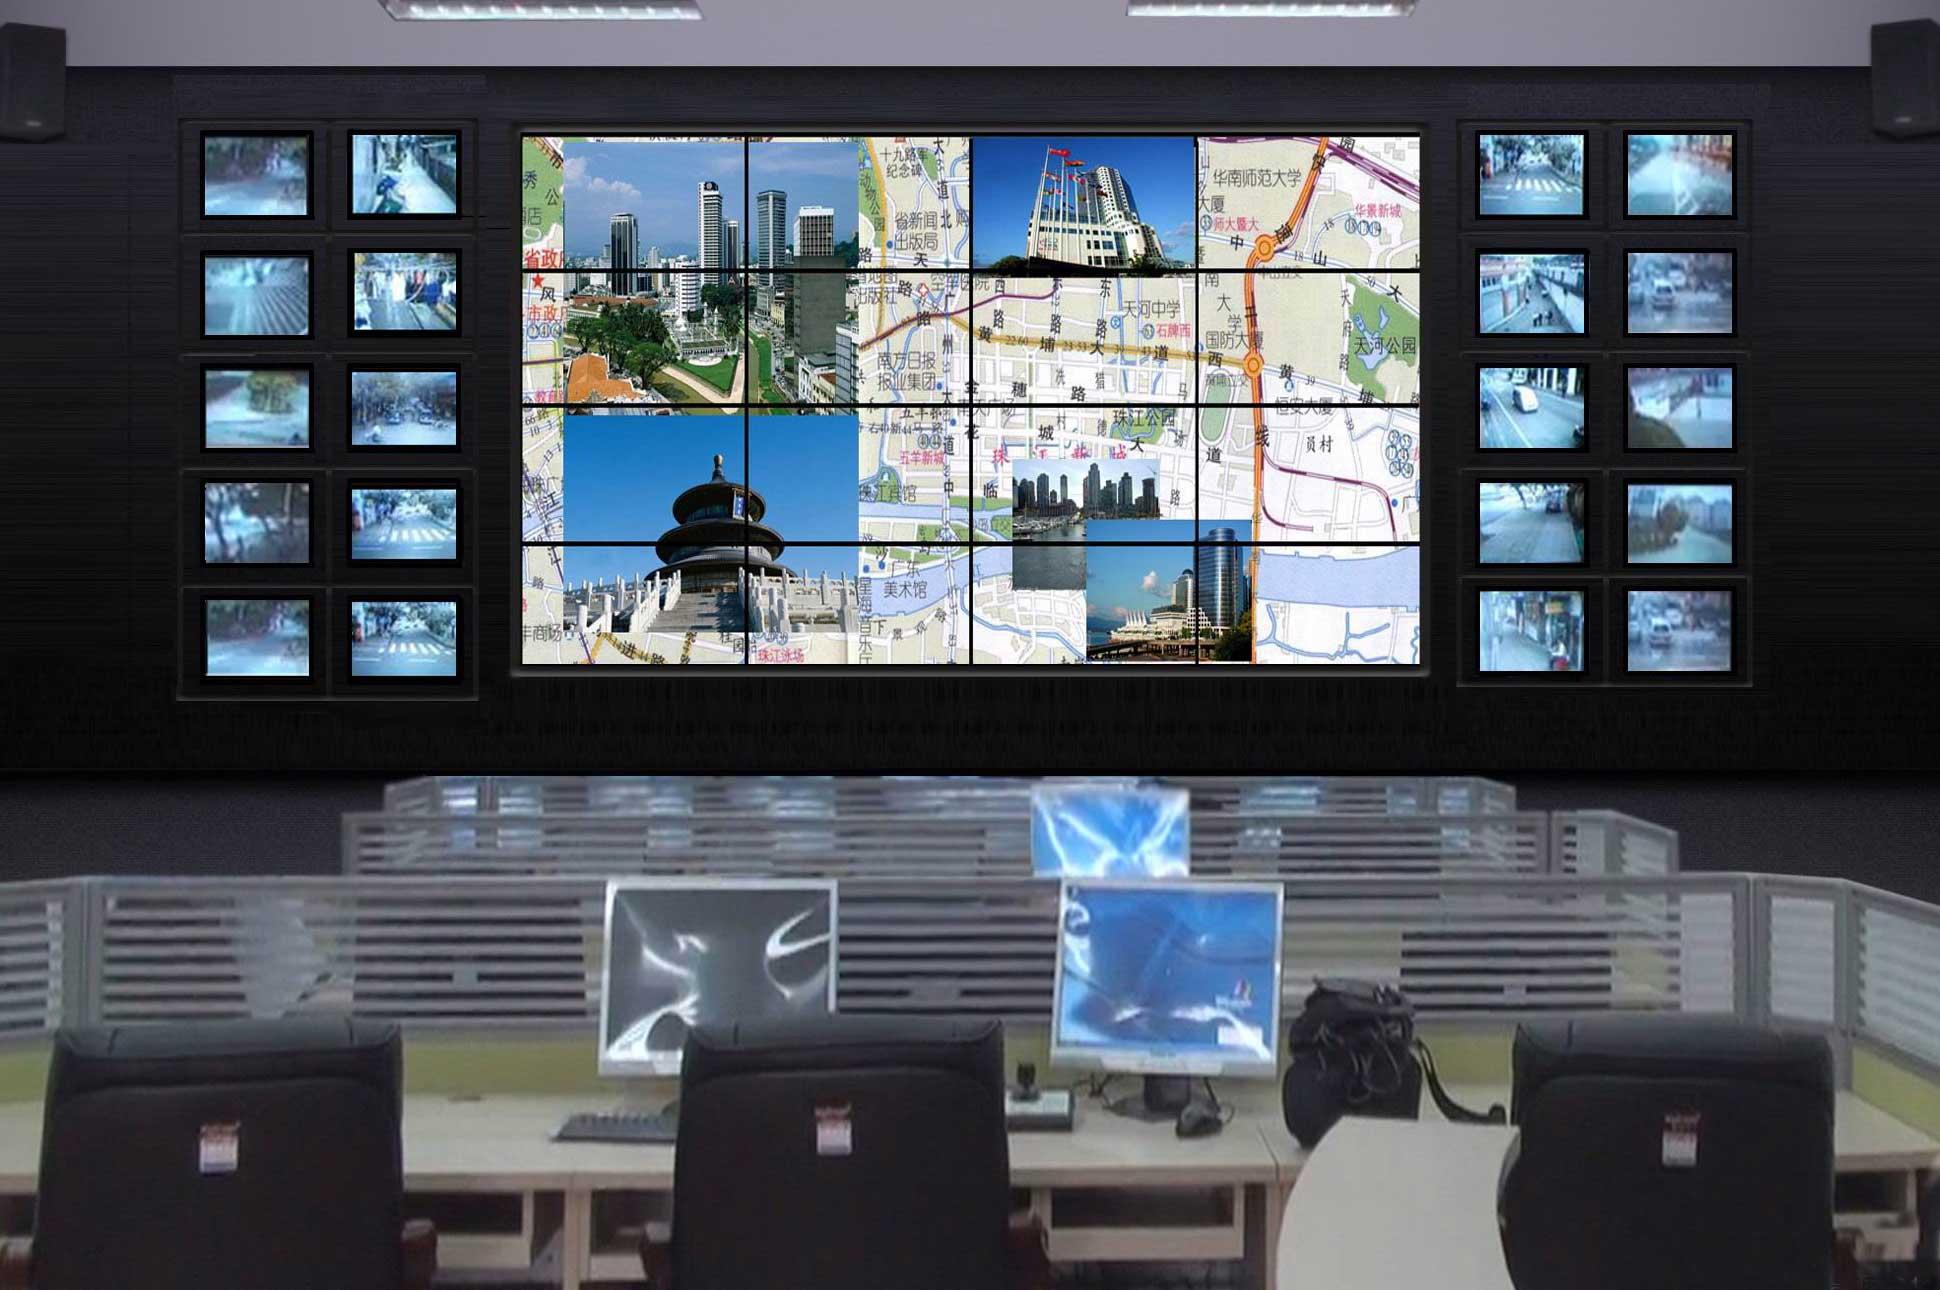 智能监控系统逐渐取代传统监控